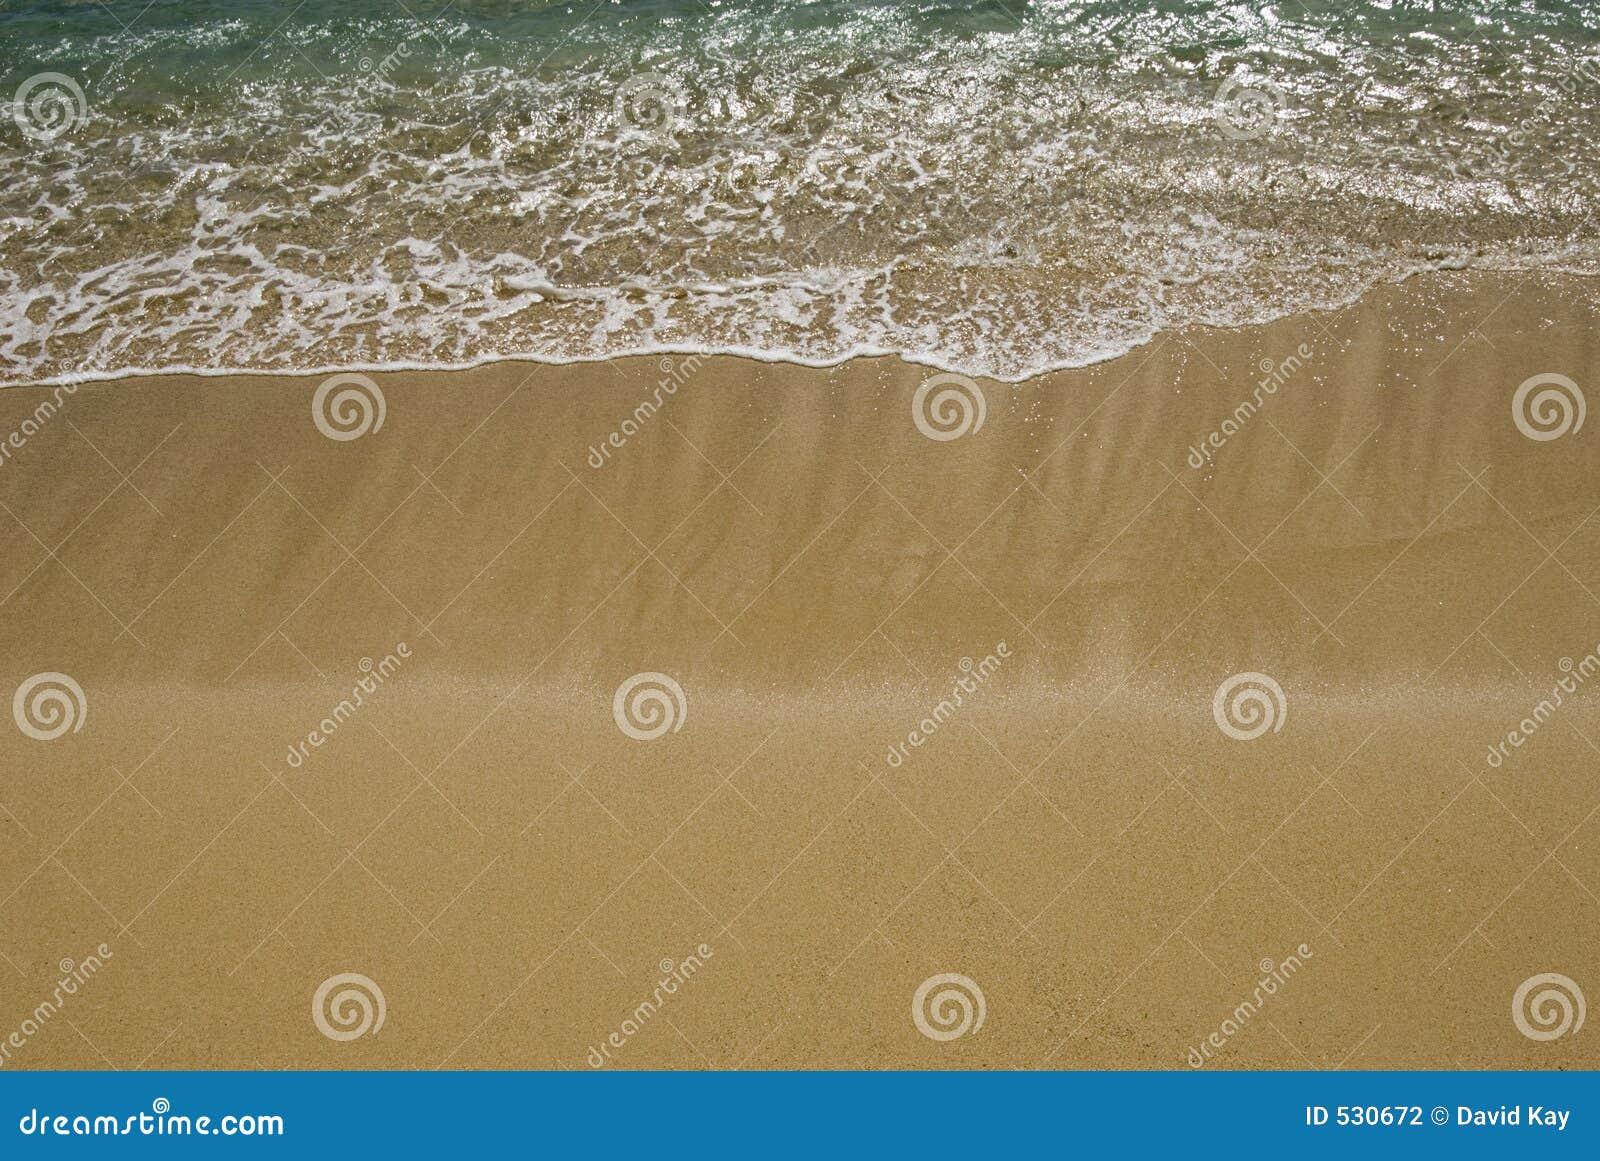 Download 柔和的海浪 库存照片. 图片 包括有 温暖, 亚马逊, beauvoir, 海洋, 通知, 移动, 颜色, 状态 - 530672